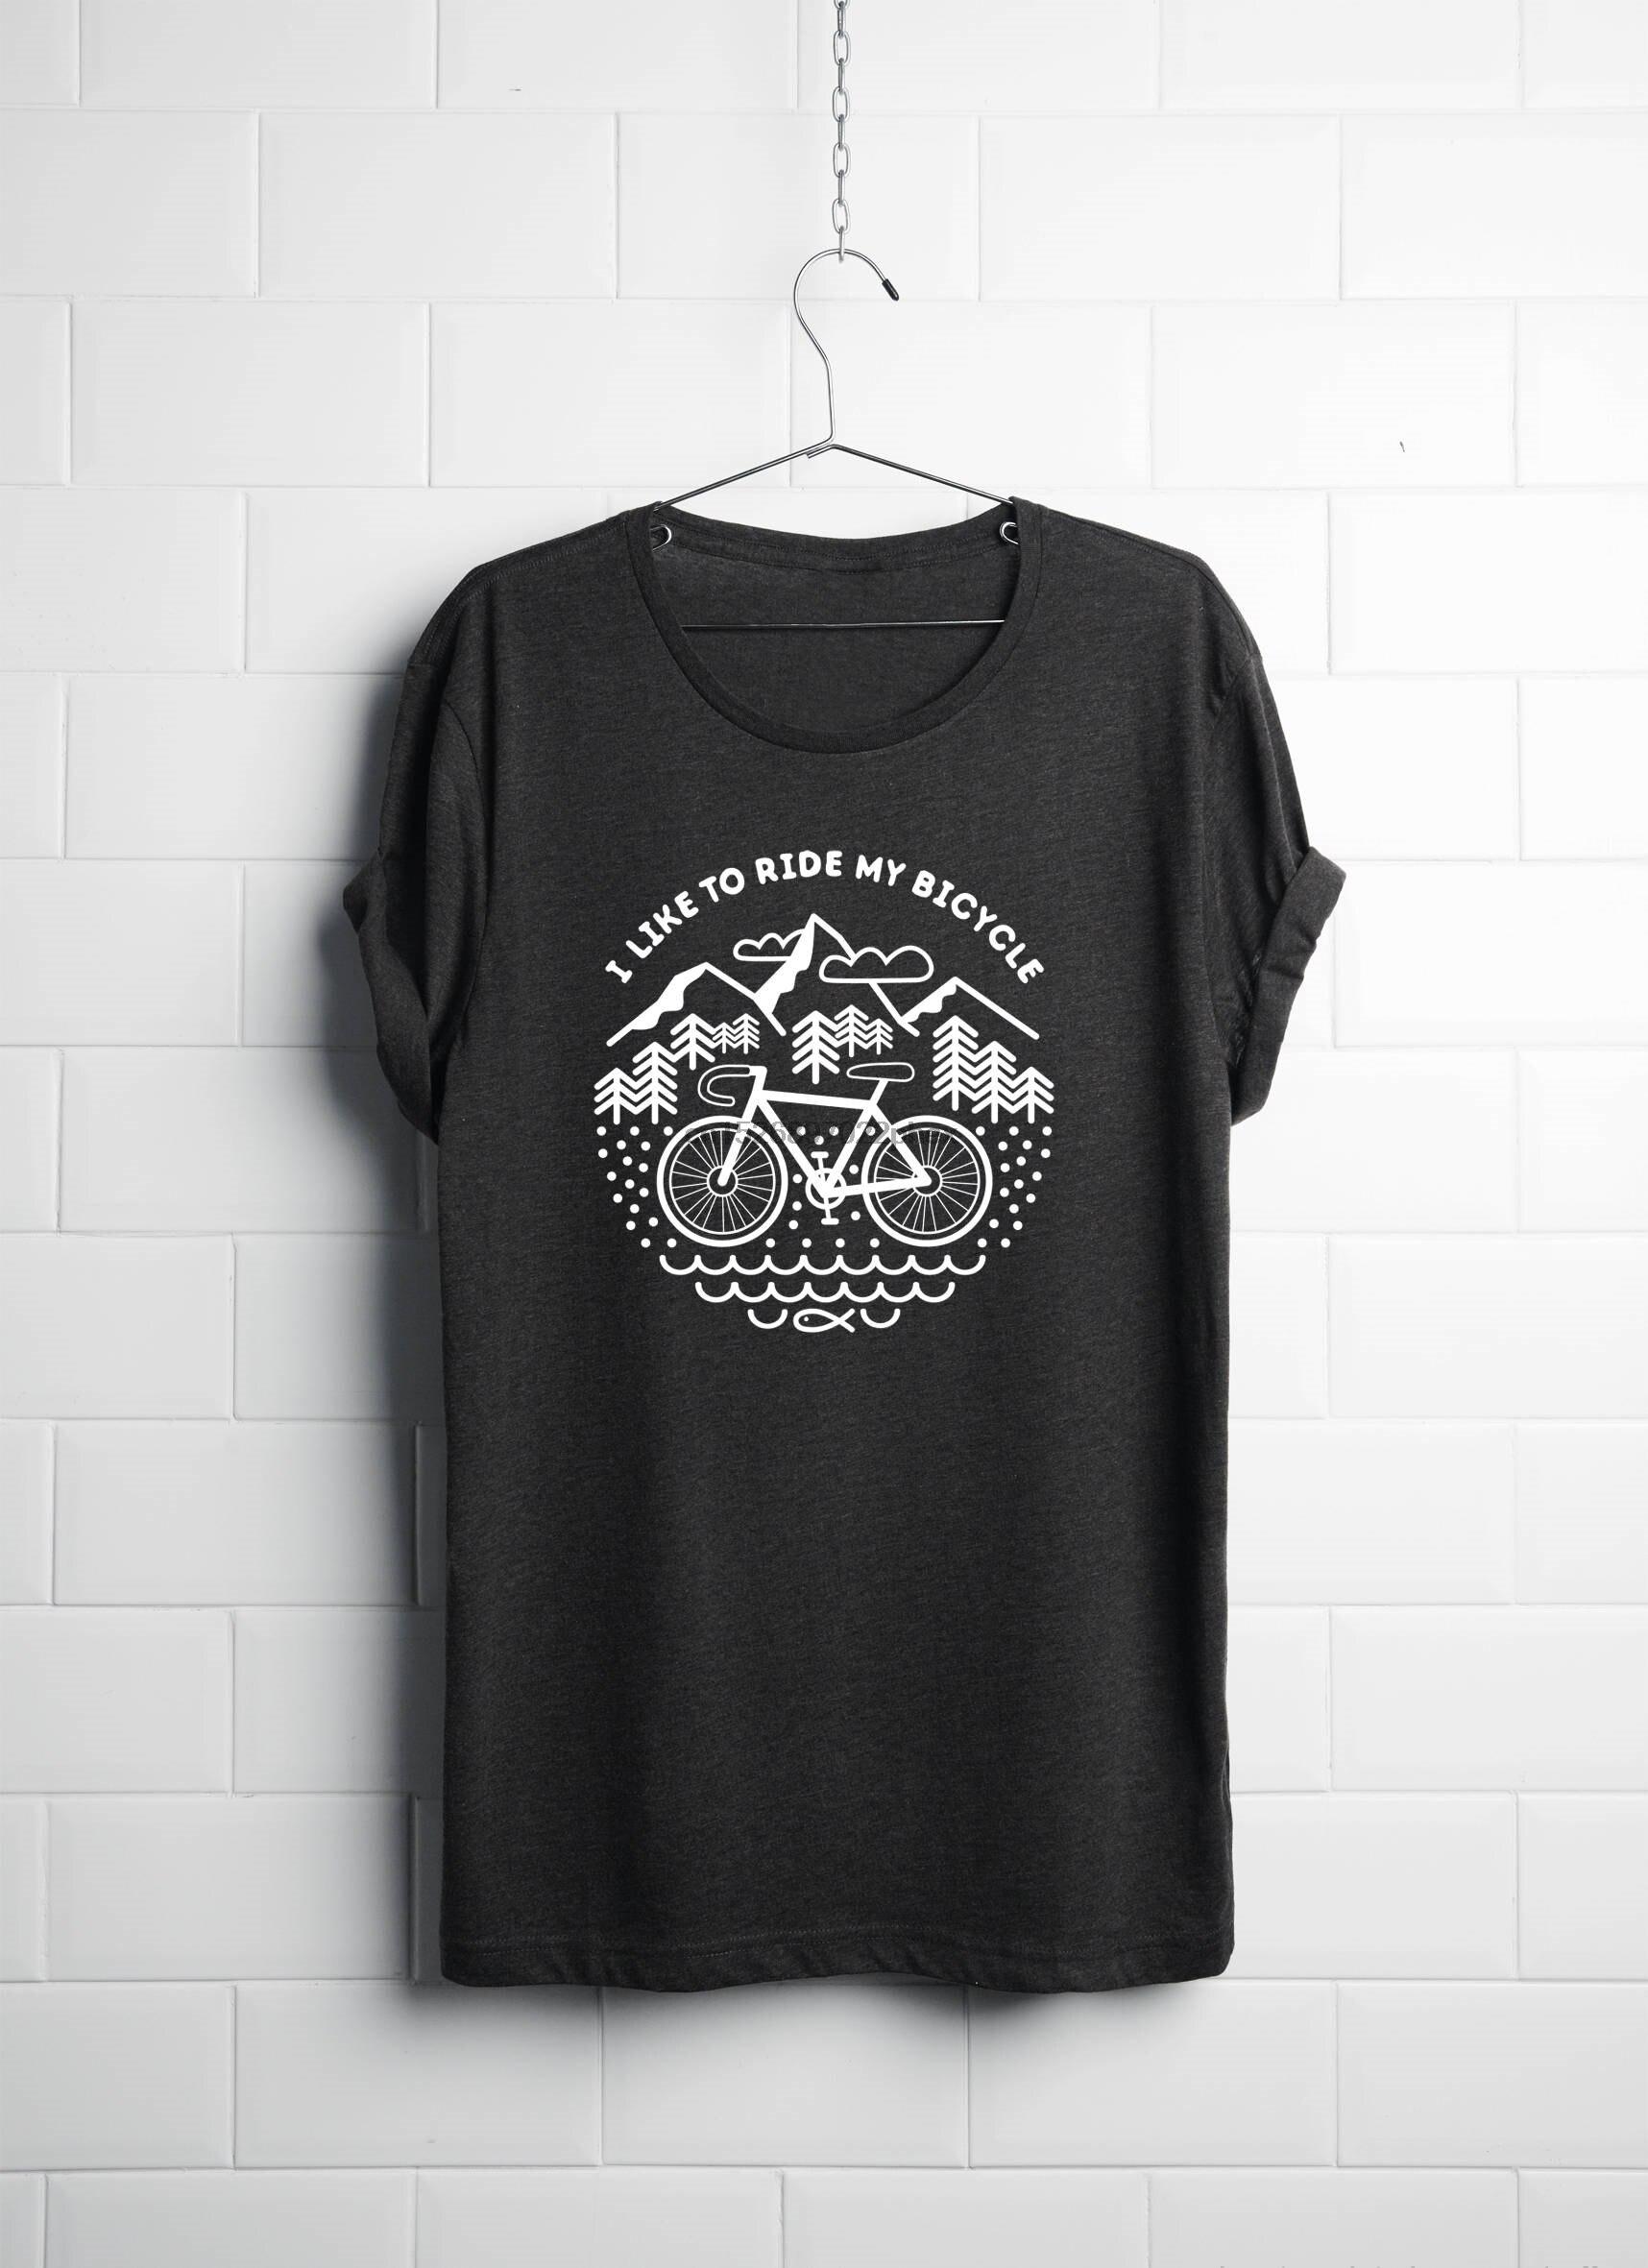 Womans Bicycle Tshirt Bike Tshirt Cycling Gift Cycling Shirt Bike Shirt Bike Gift Cycling T Shirt For Dedicated Cyclist